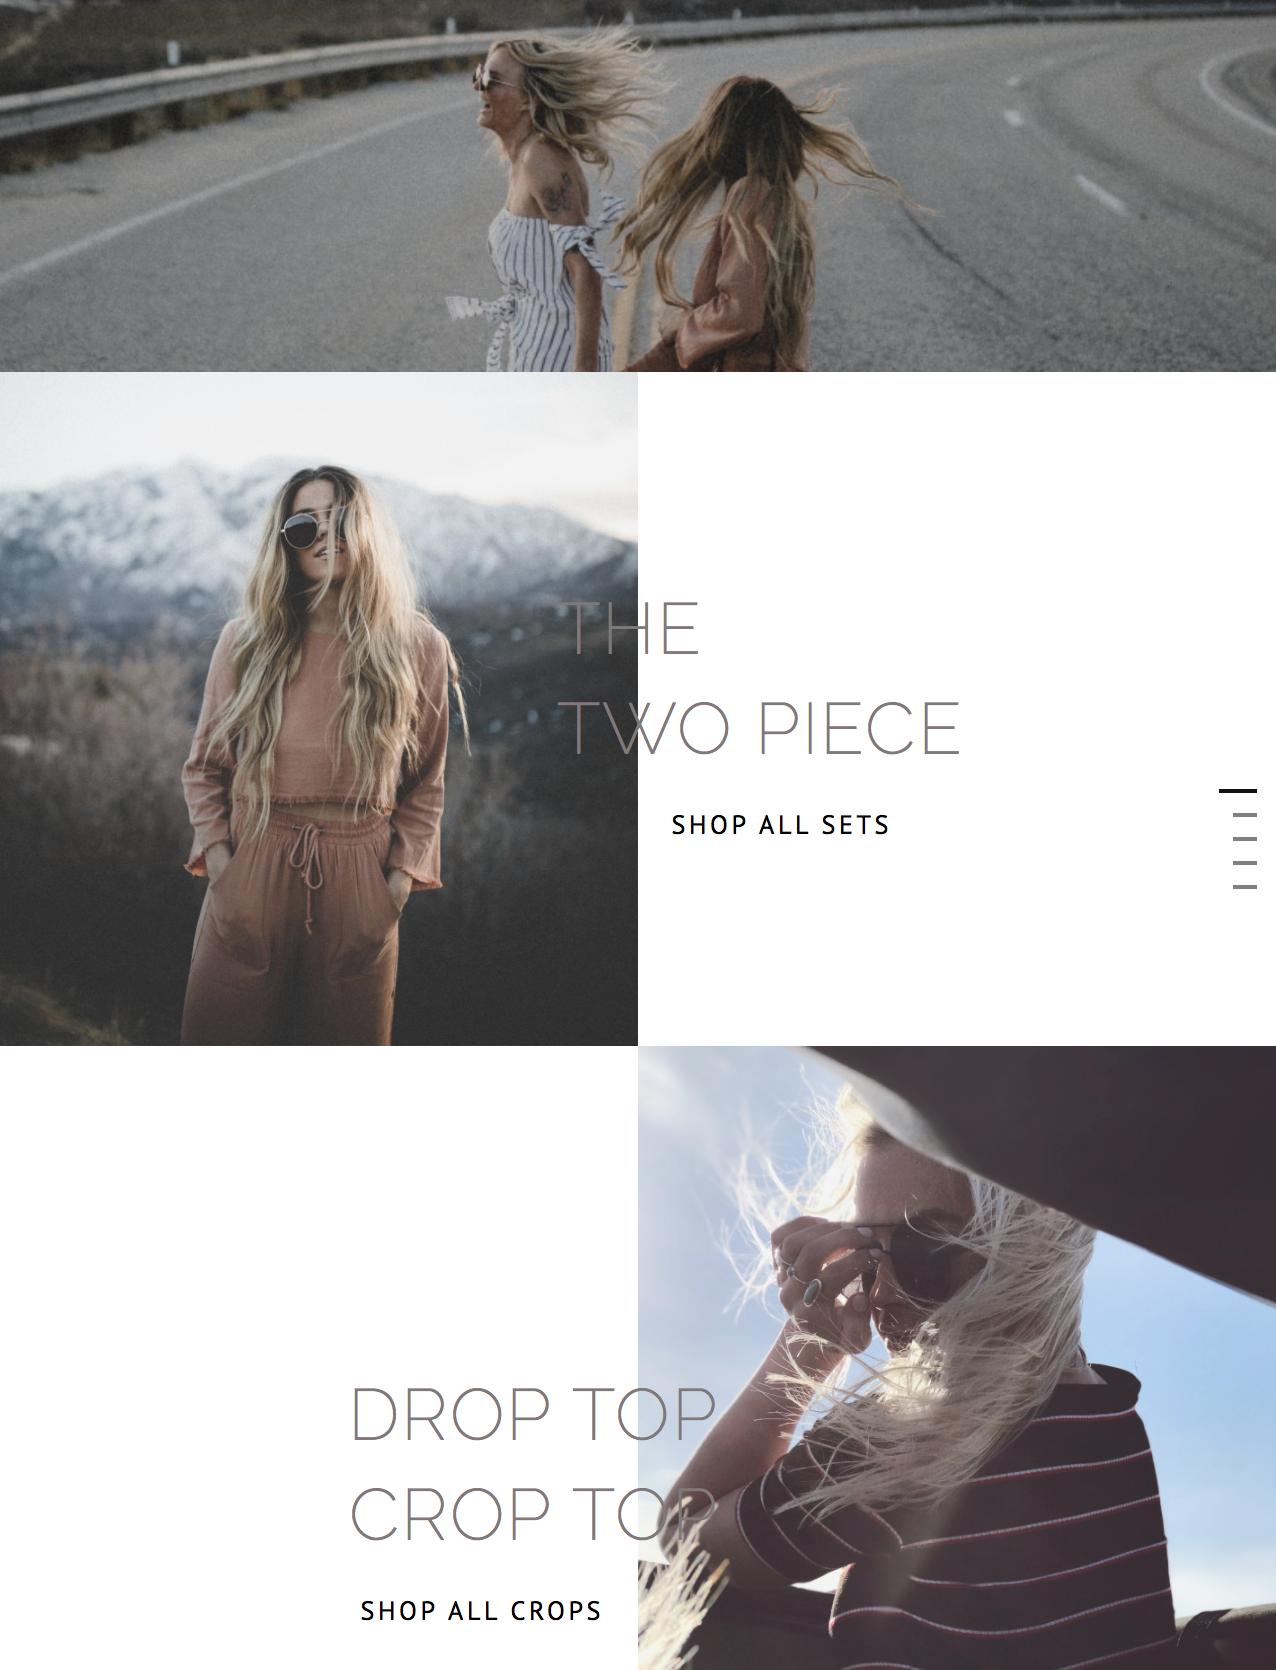 @shop.elk - Online Boutique13.1k followers